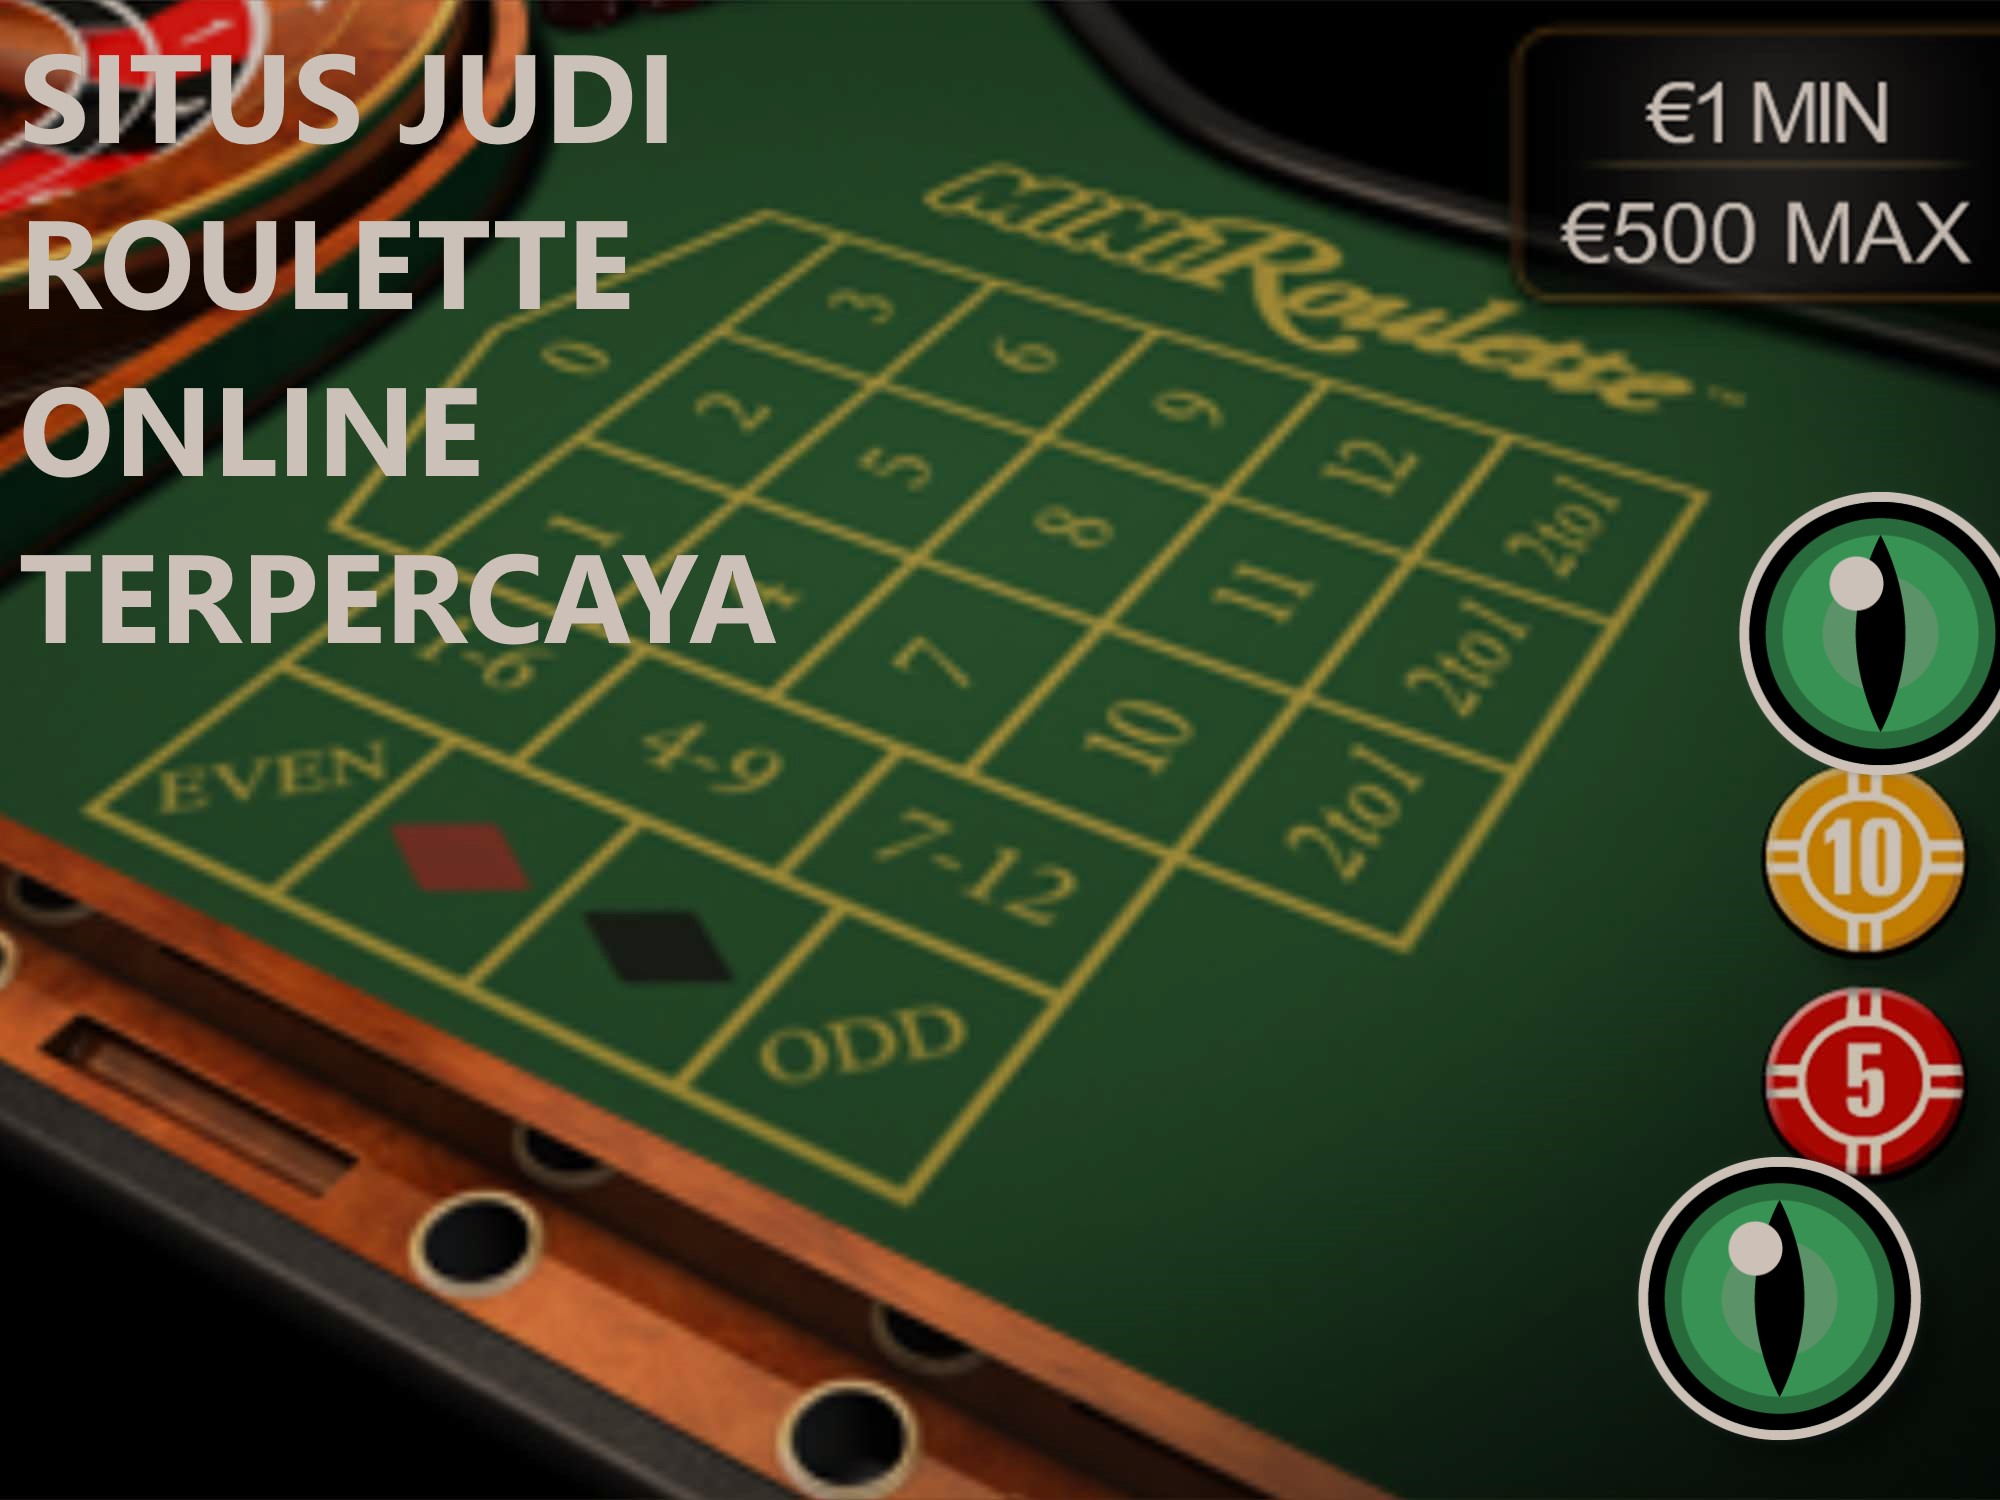 Mainkan Judi Roulette Dan Dapatkan Manfaatnya